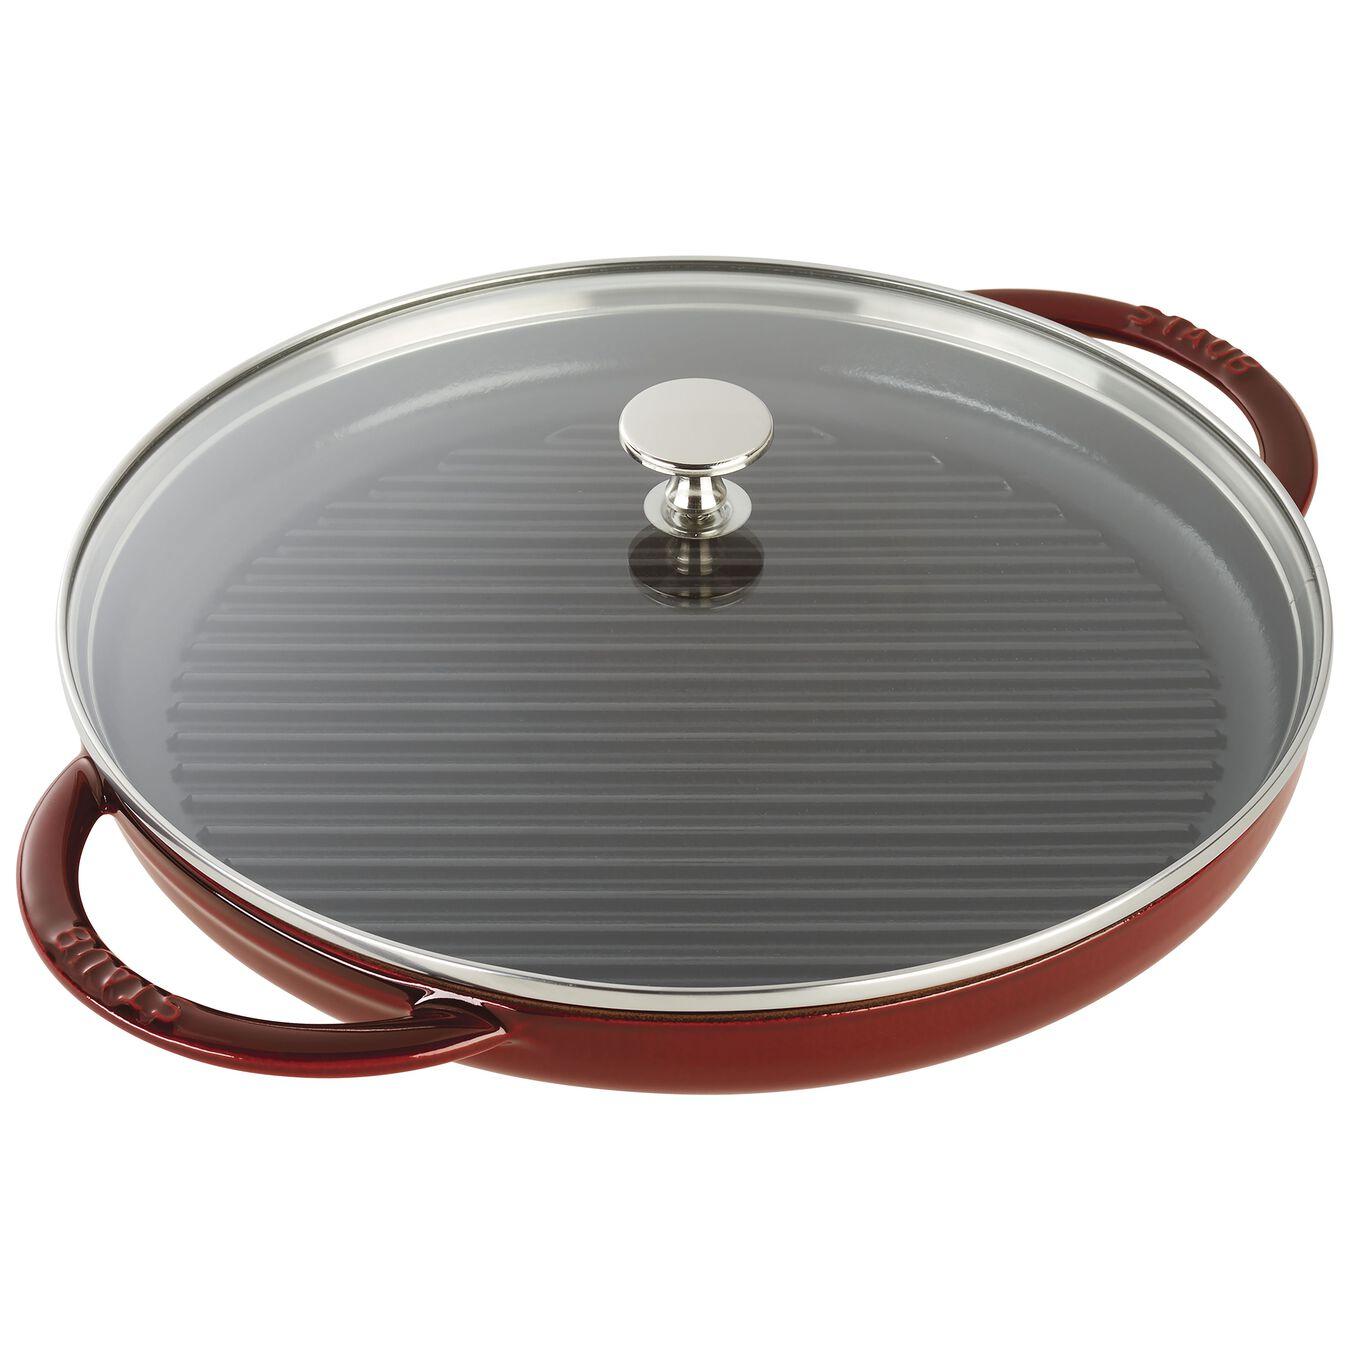 10-inch Round Steam Grill - Grenadine,,large 1